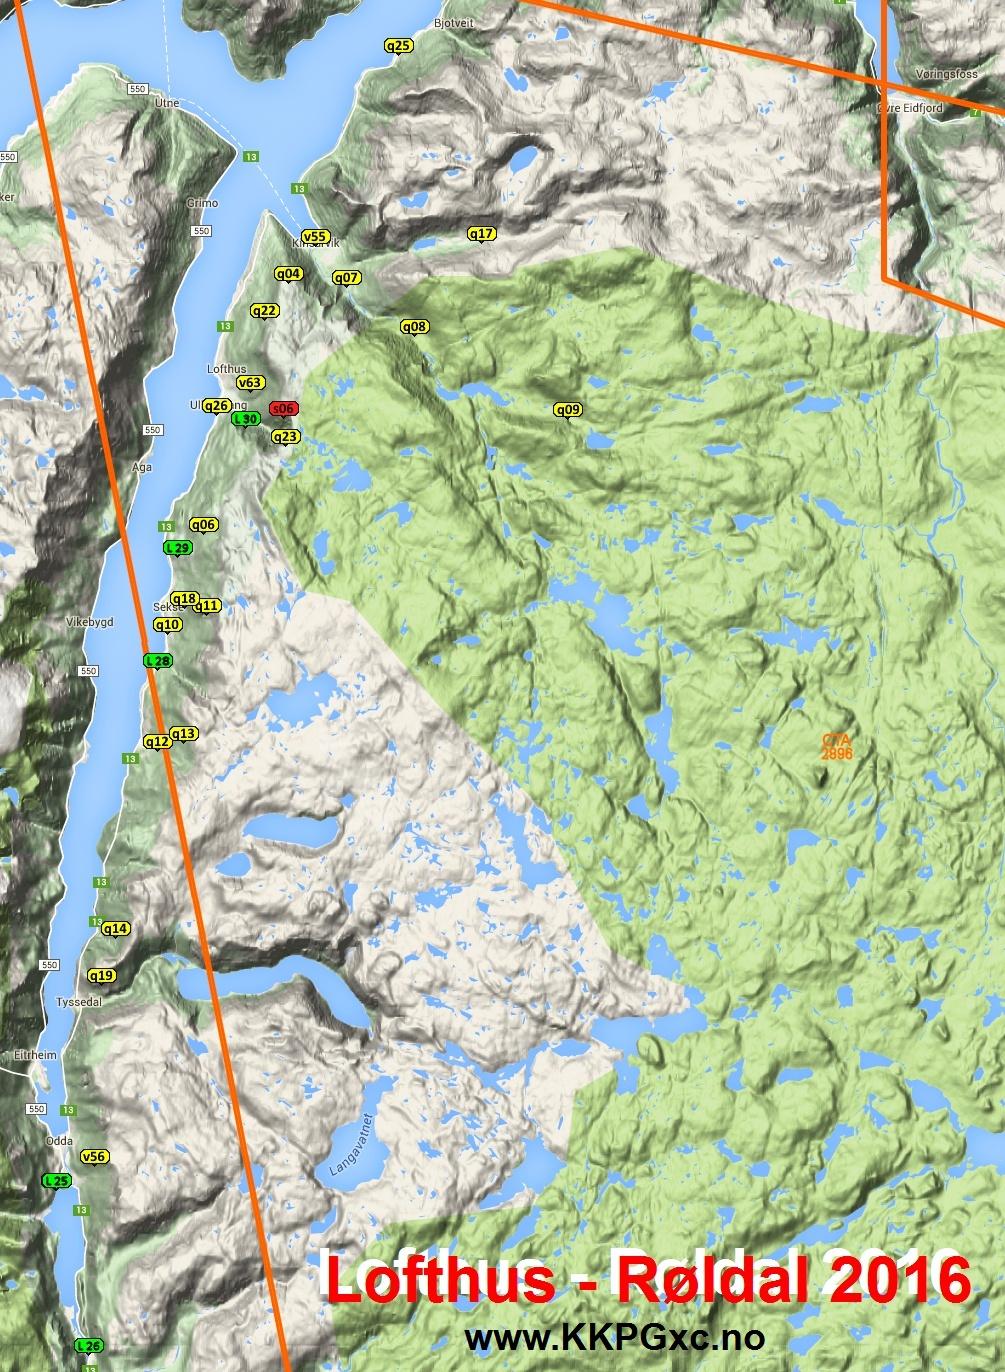 røldal kart NC kart til nedlasting og utskrift. :: .KKPGxc.no røldal kart